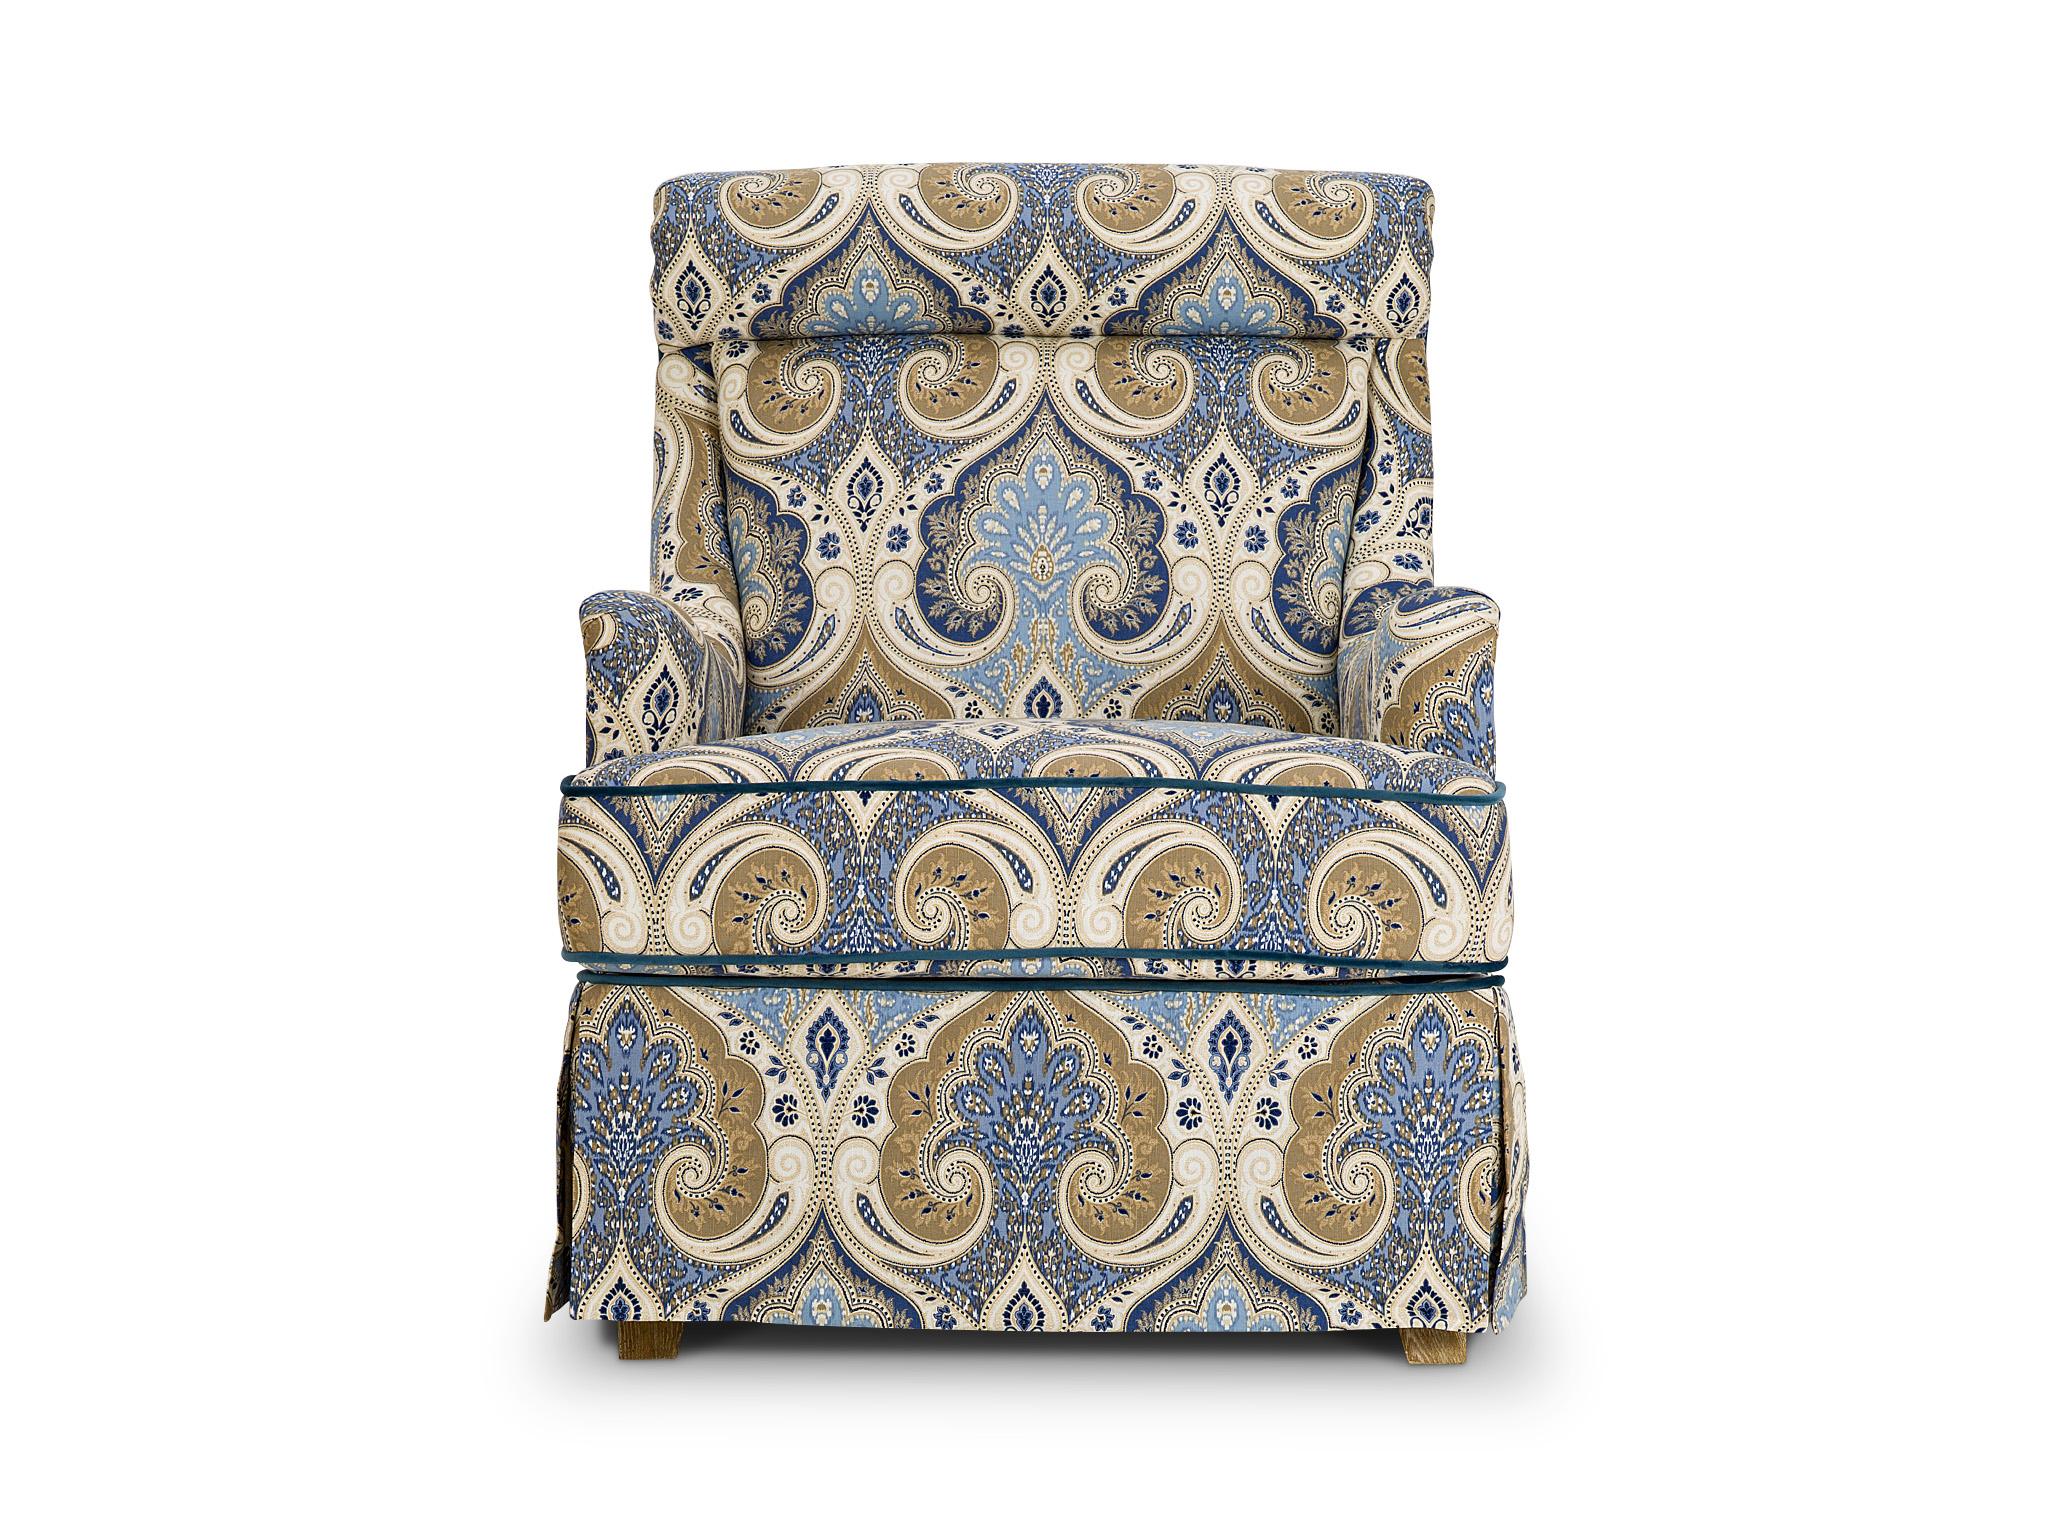 Кресло AlexaИнтерьерные кресла<br>Кресло &amp;quot;Alexa&amp;quot; с акцентной тканью будет прекрасно сочетаться с мебелью спокойных расцветок и идеально впишется в интерьер гостиной или спальни.<br><br>Material: Текстиль<br>Width см: 75<br>Depth см: 89<br>Height см: 97